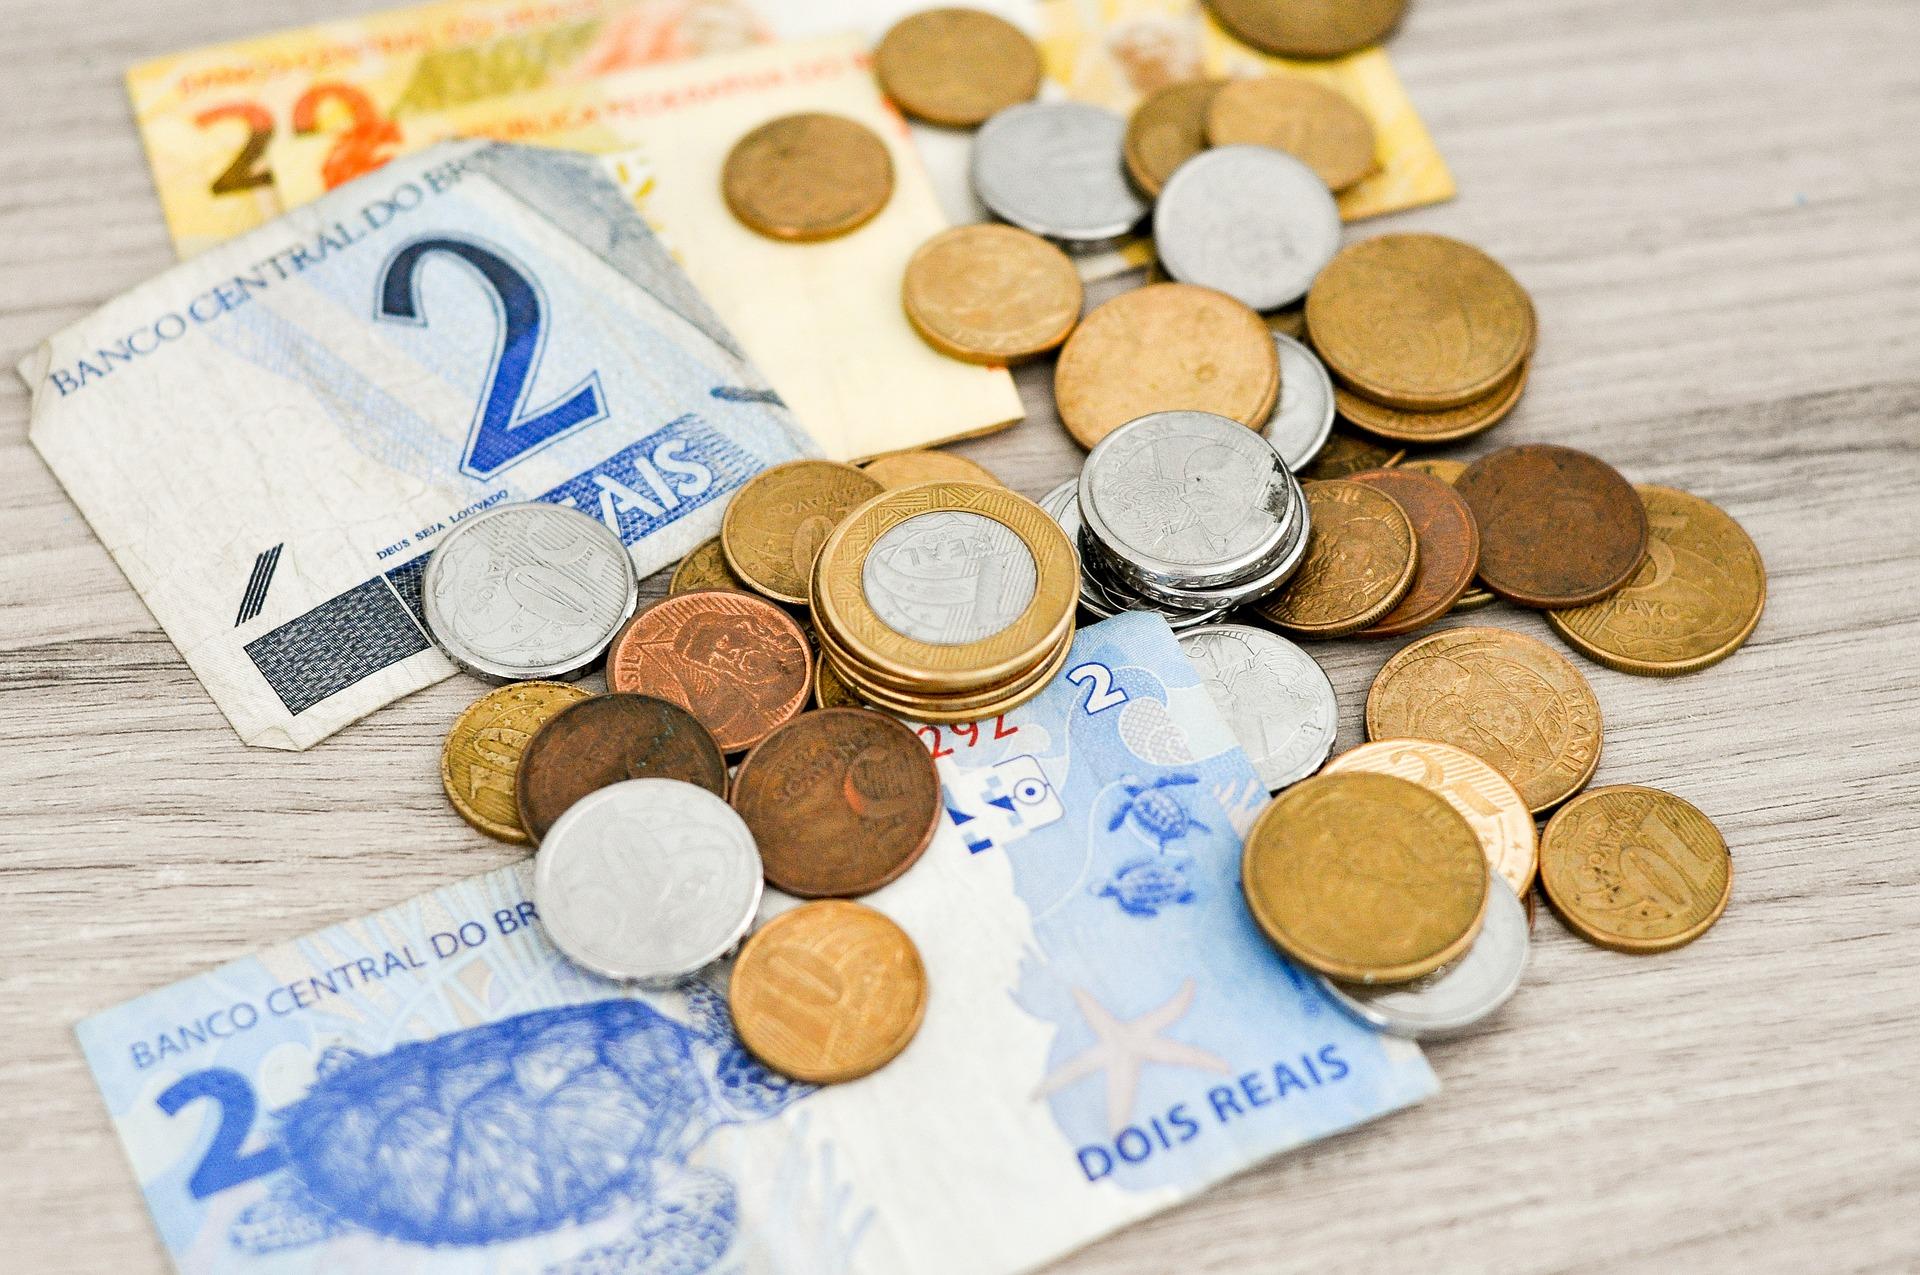 abrir um negócio com pouco dinheiro